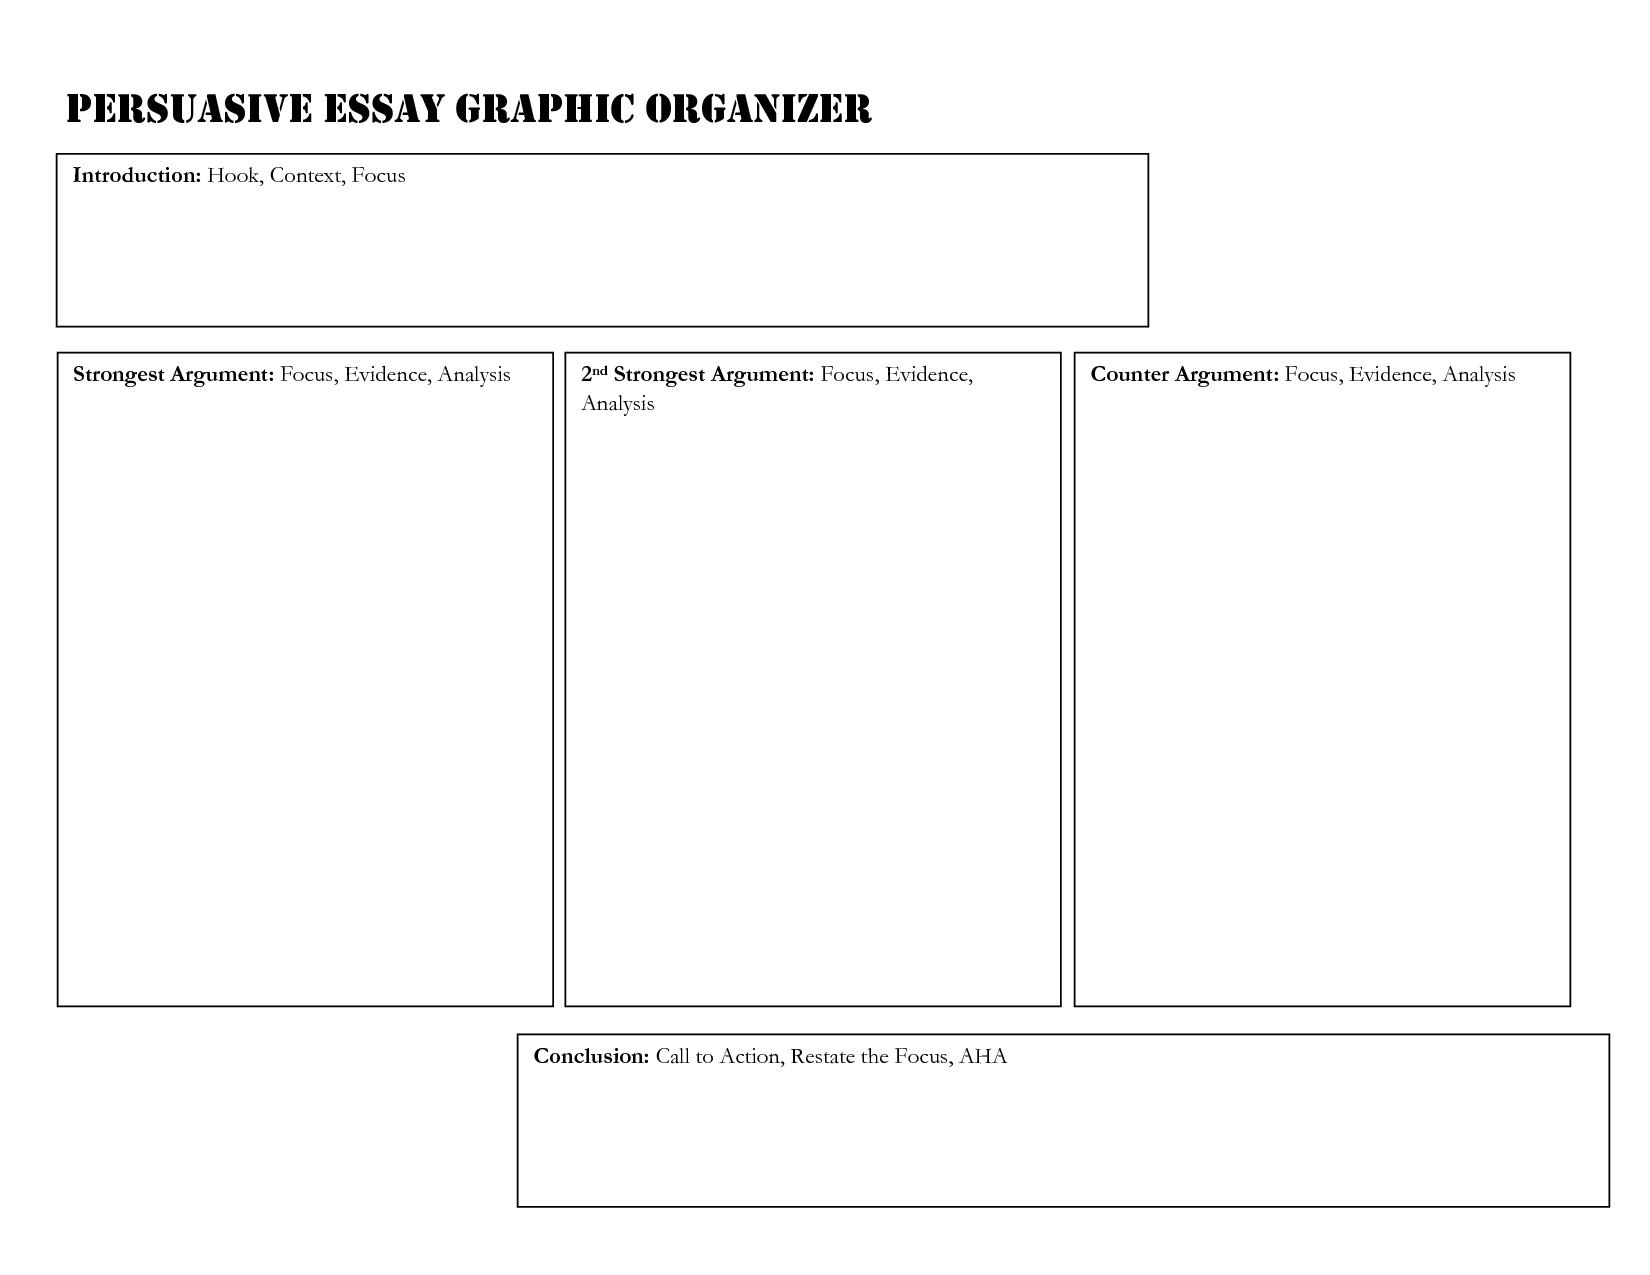 012 Essay Example Argumentative Graphic Organizer Pdf Persuasive 473200 Impressive Middle School Full